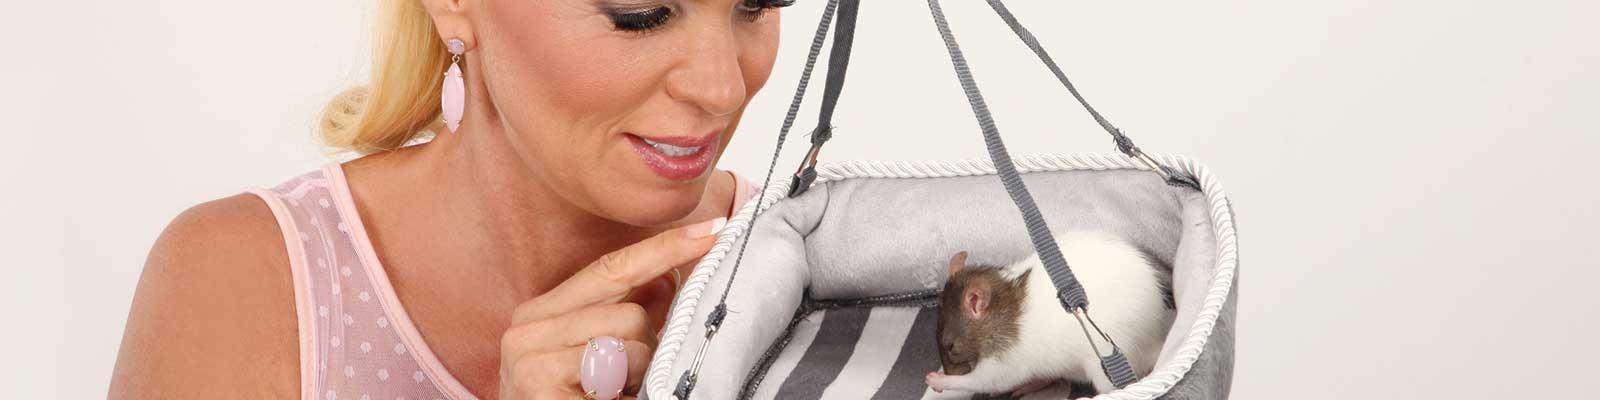 Maja Prinzessin von Hohenzollern Kollektion für Kleintiere und Nager, Bild 5